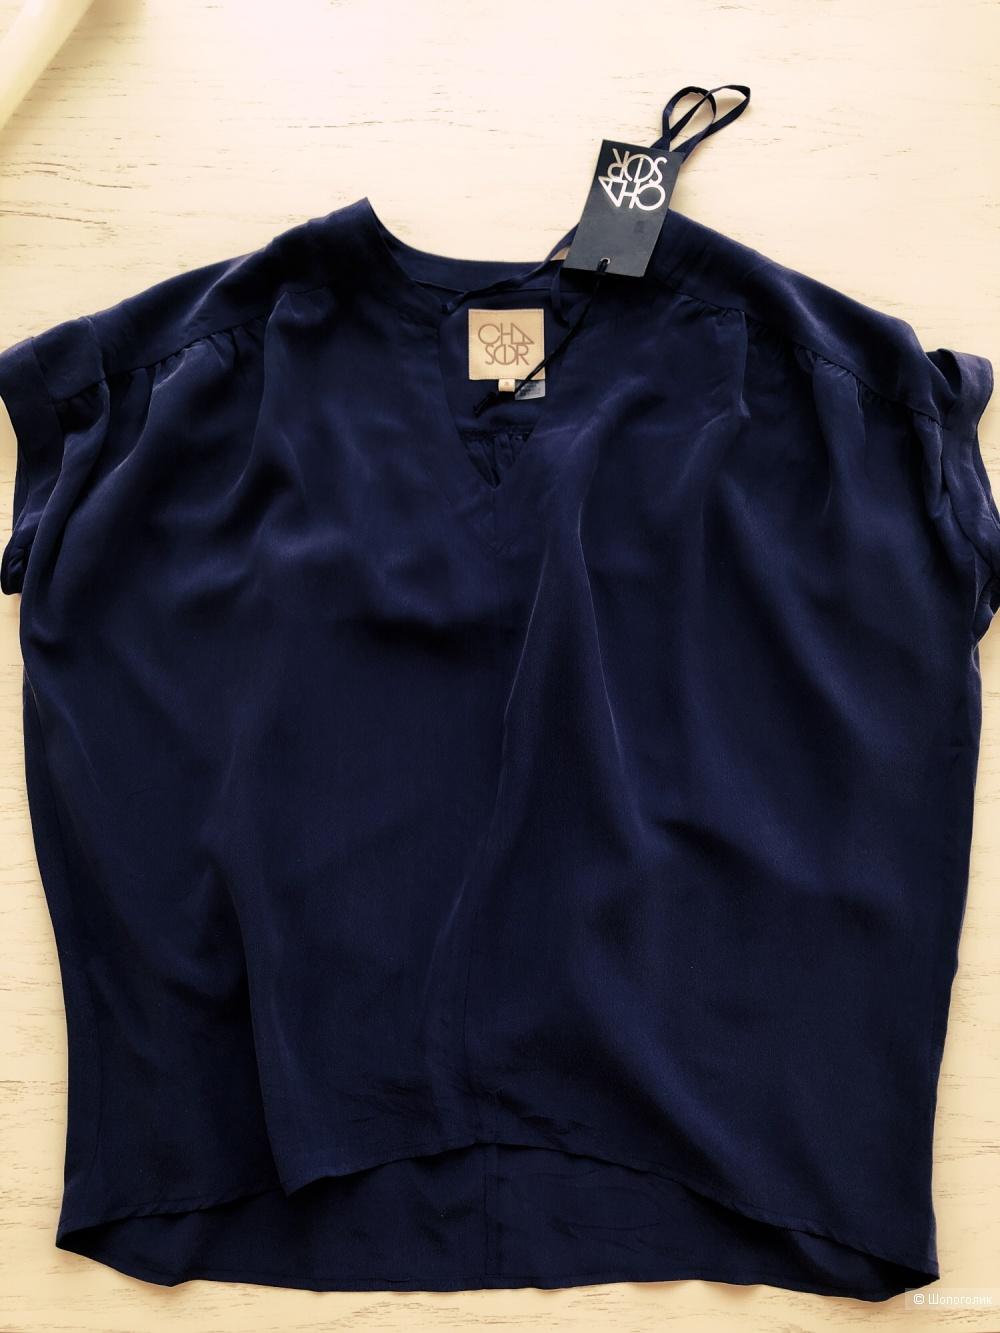 Блузка Cha sor размер S.